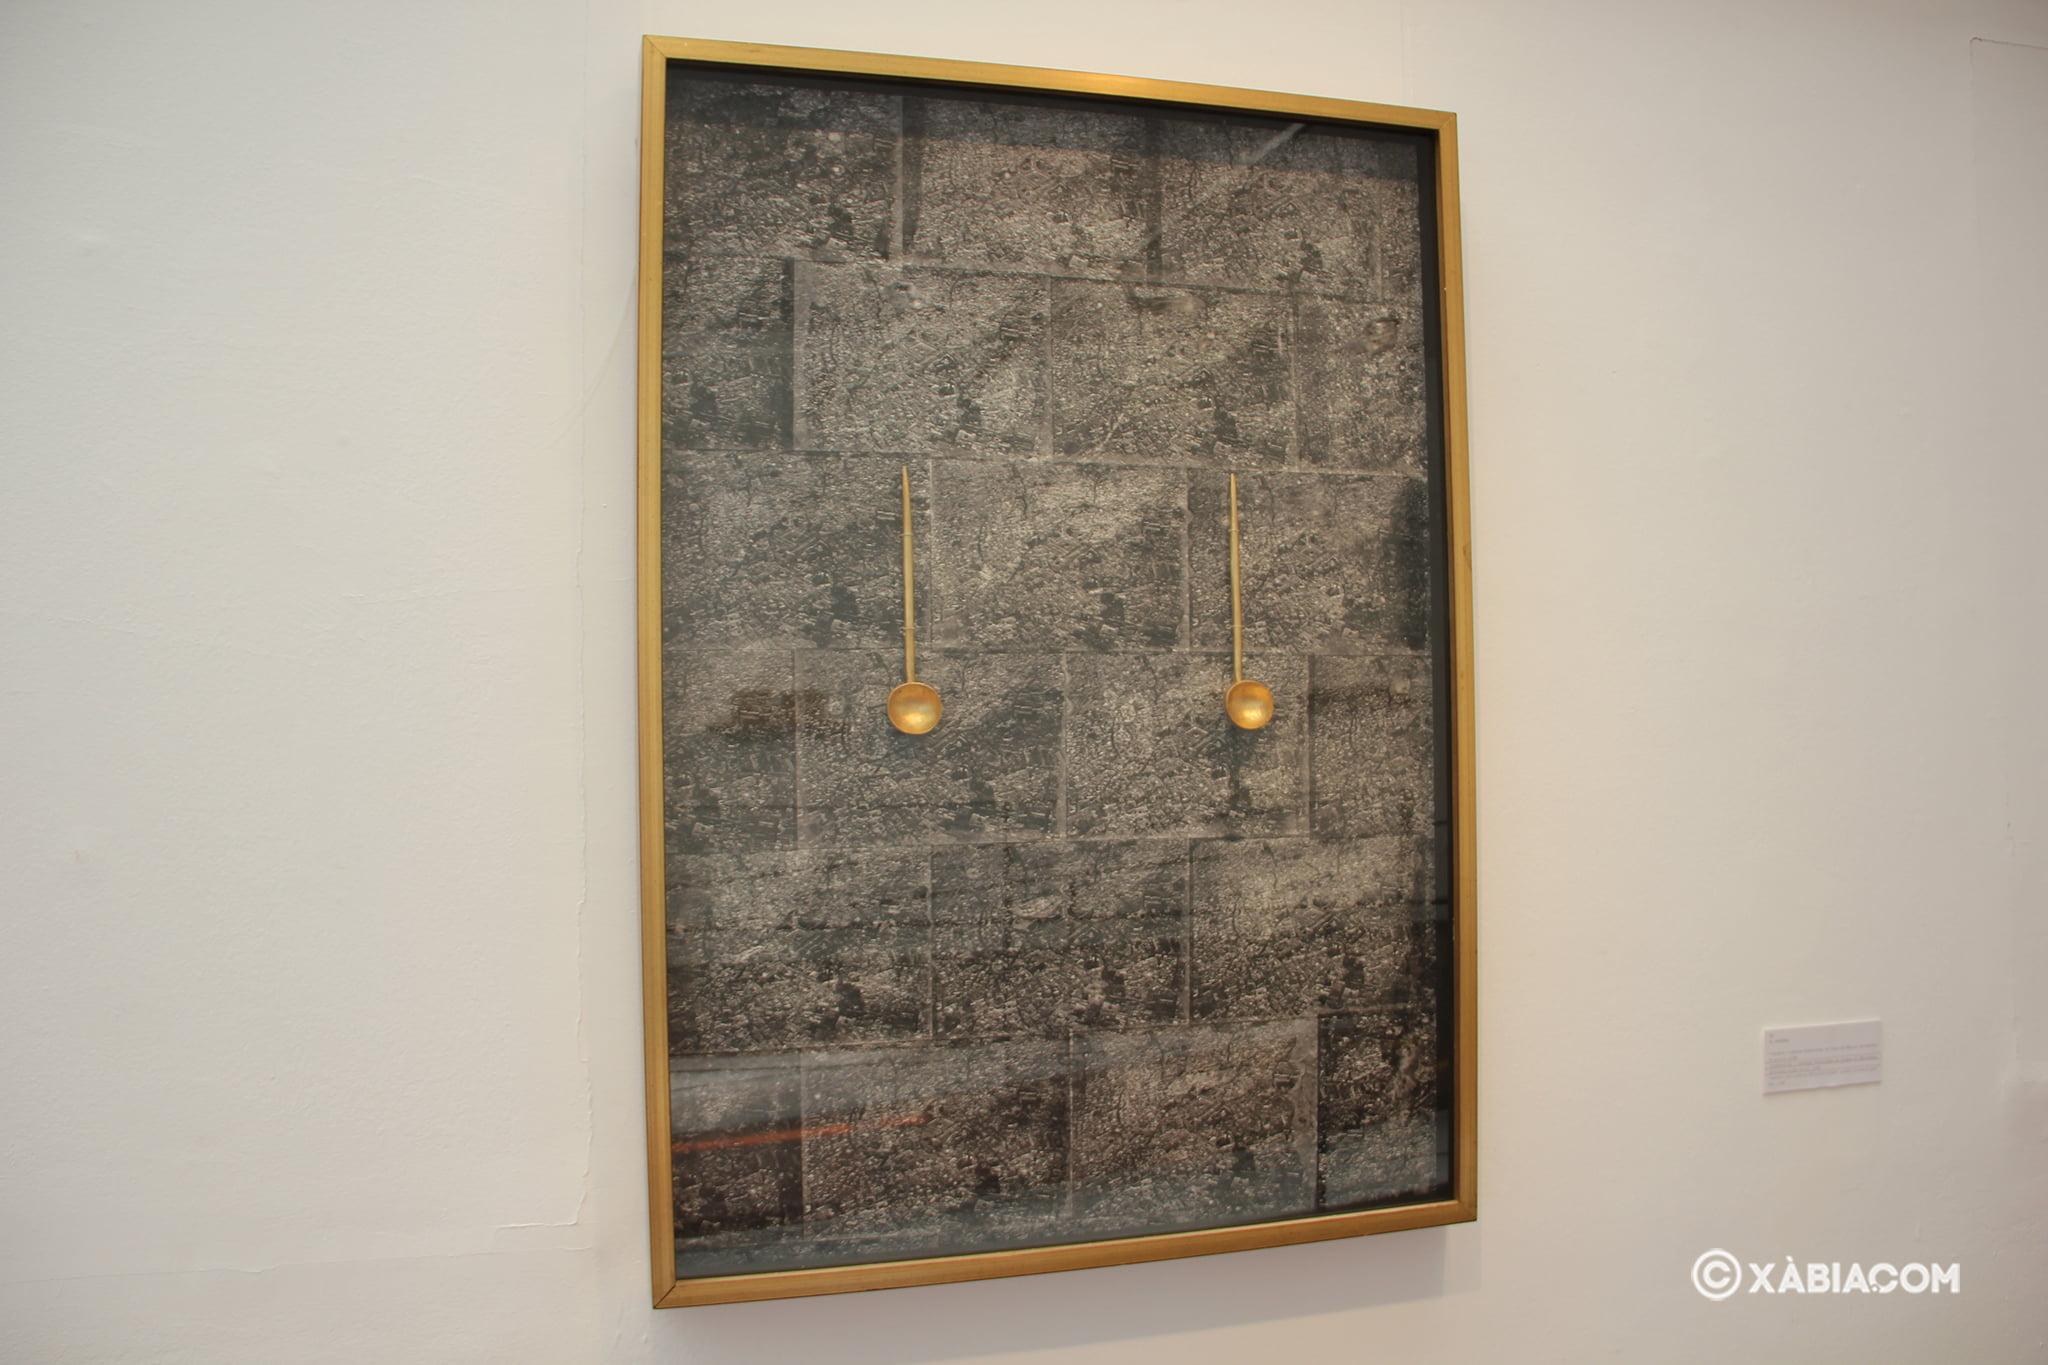 Obra expuesta en la Casa del Cable en la muestra itinerante 'd'ahir i d'ara'